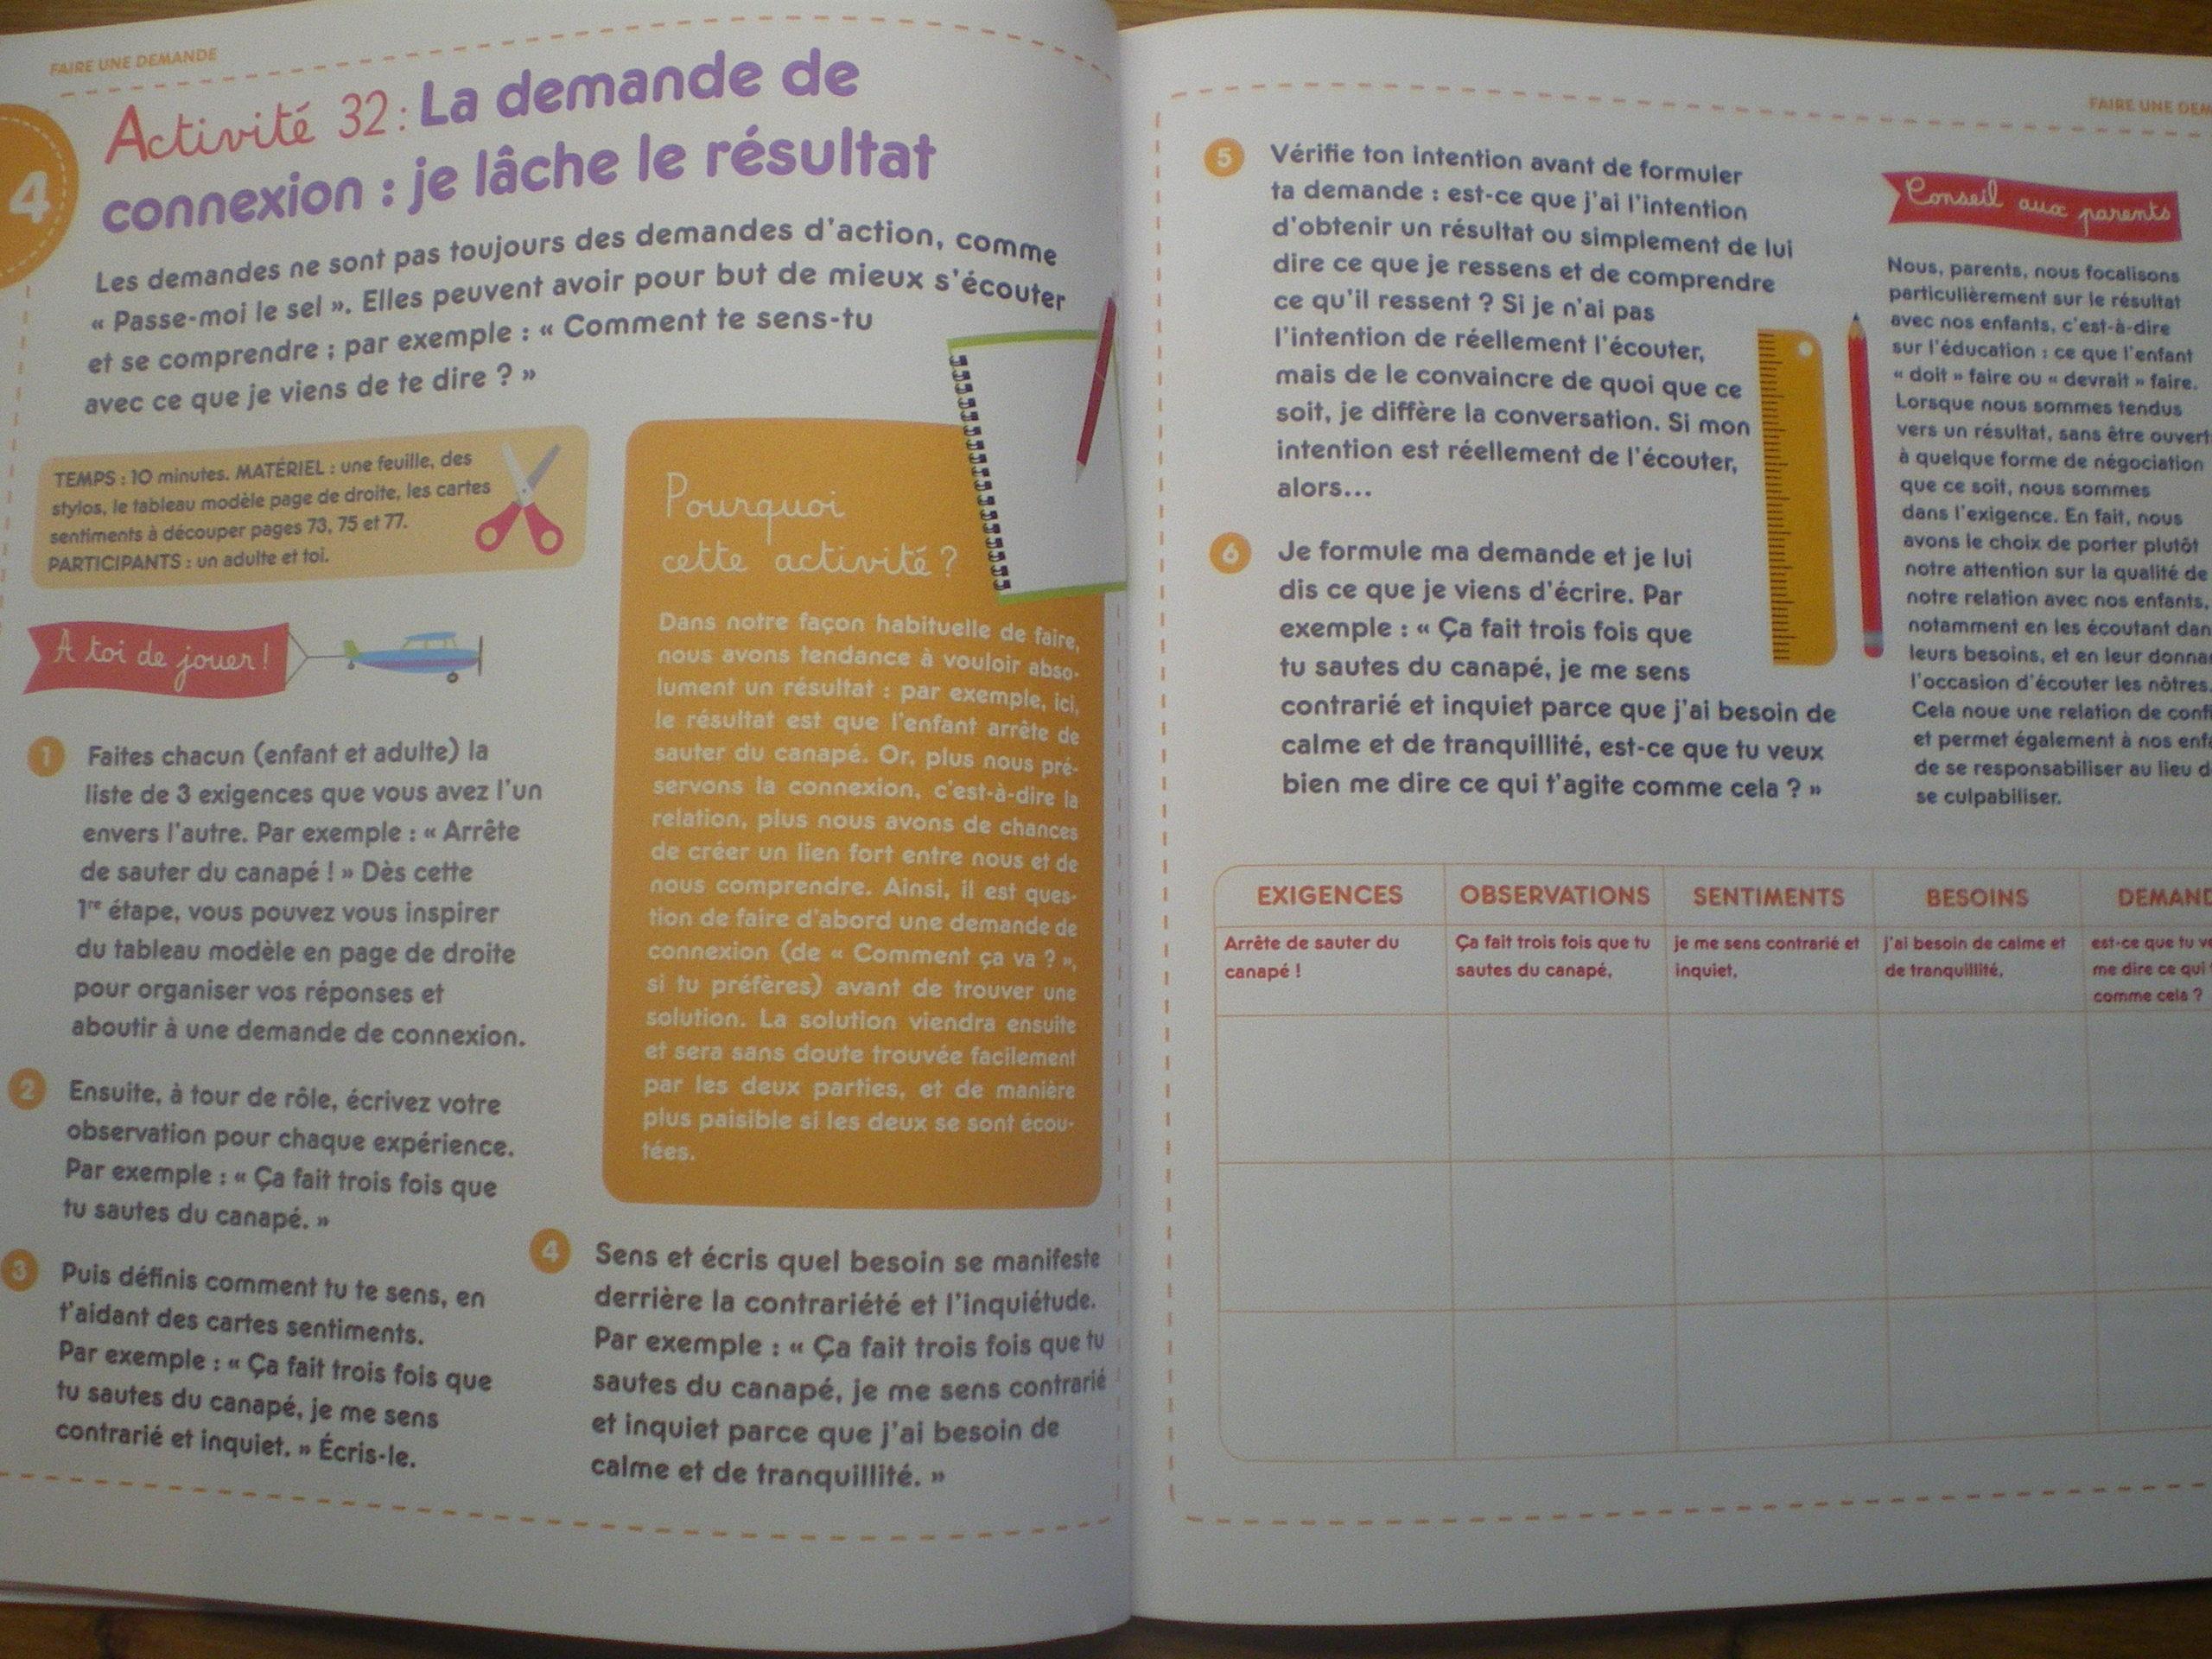 cahier activités enfants apprendre communication non violente